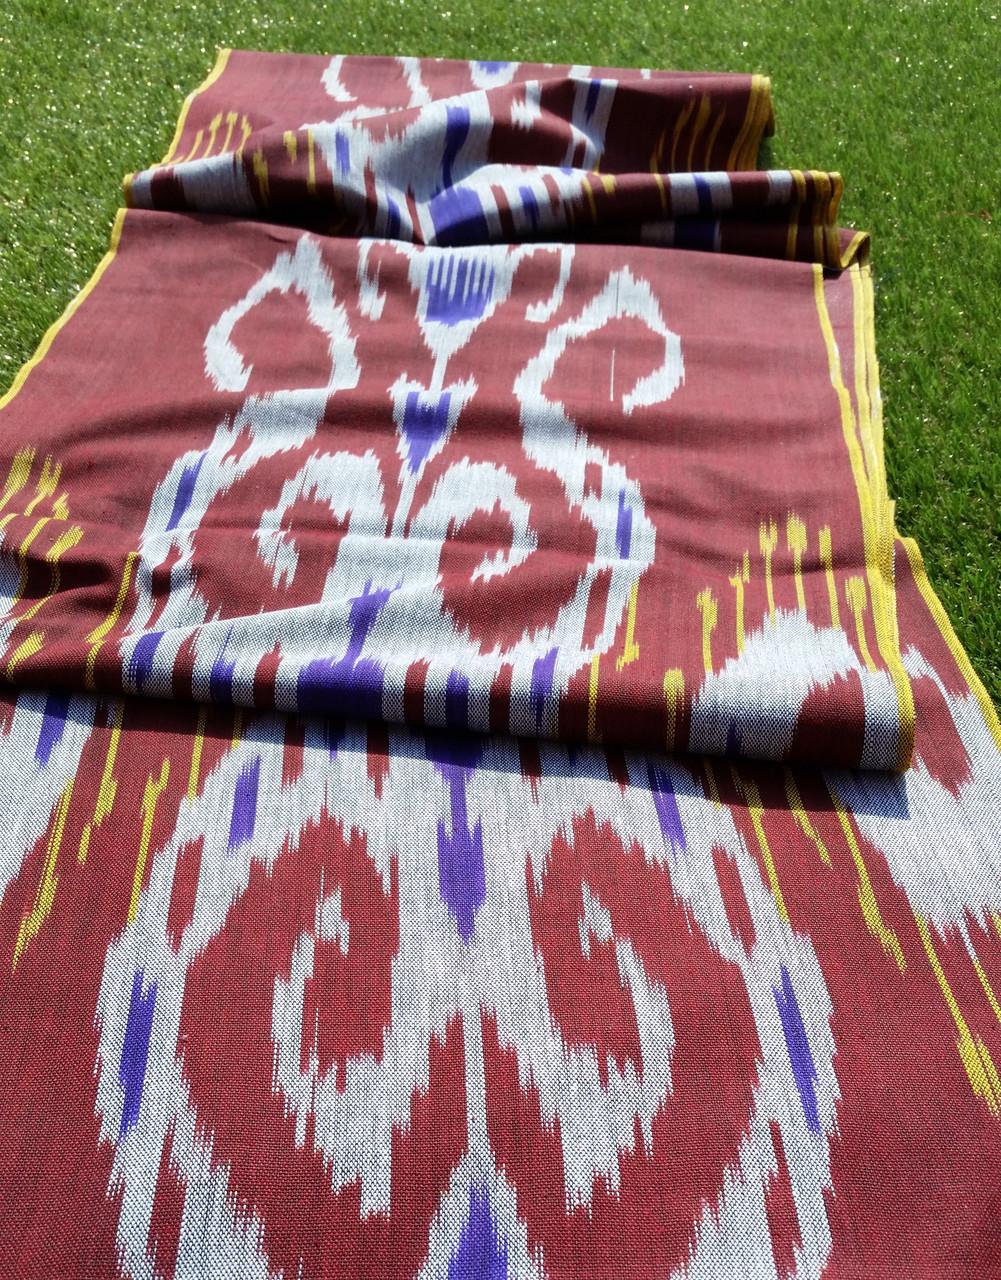 """Хлопковая ткань в технике """"Икат"""" ручного ткачества. Маргилан, Узбекистан"""